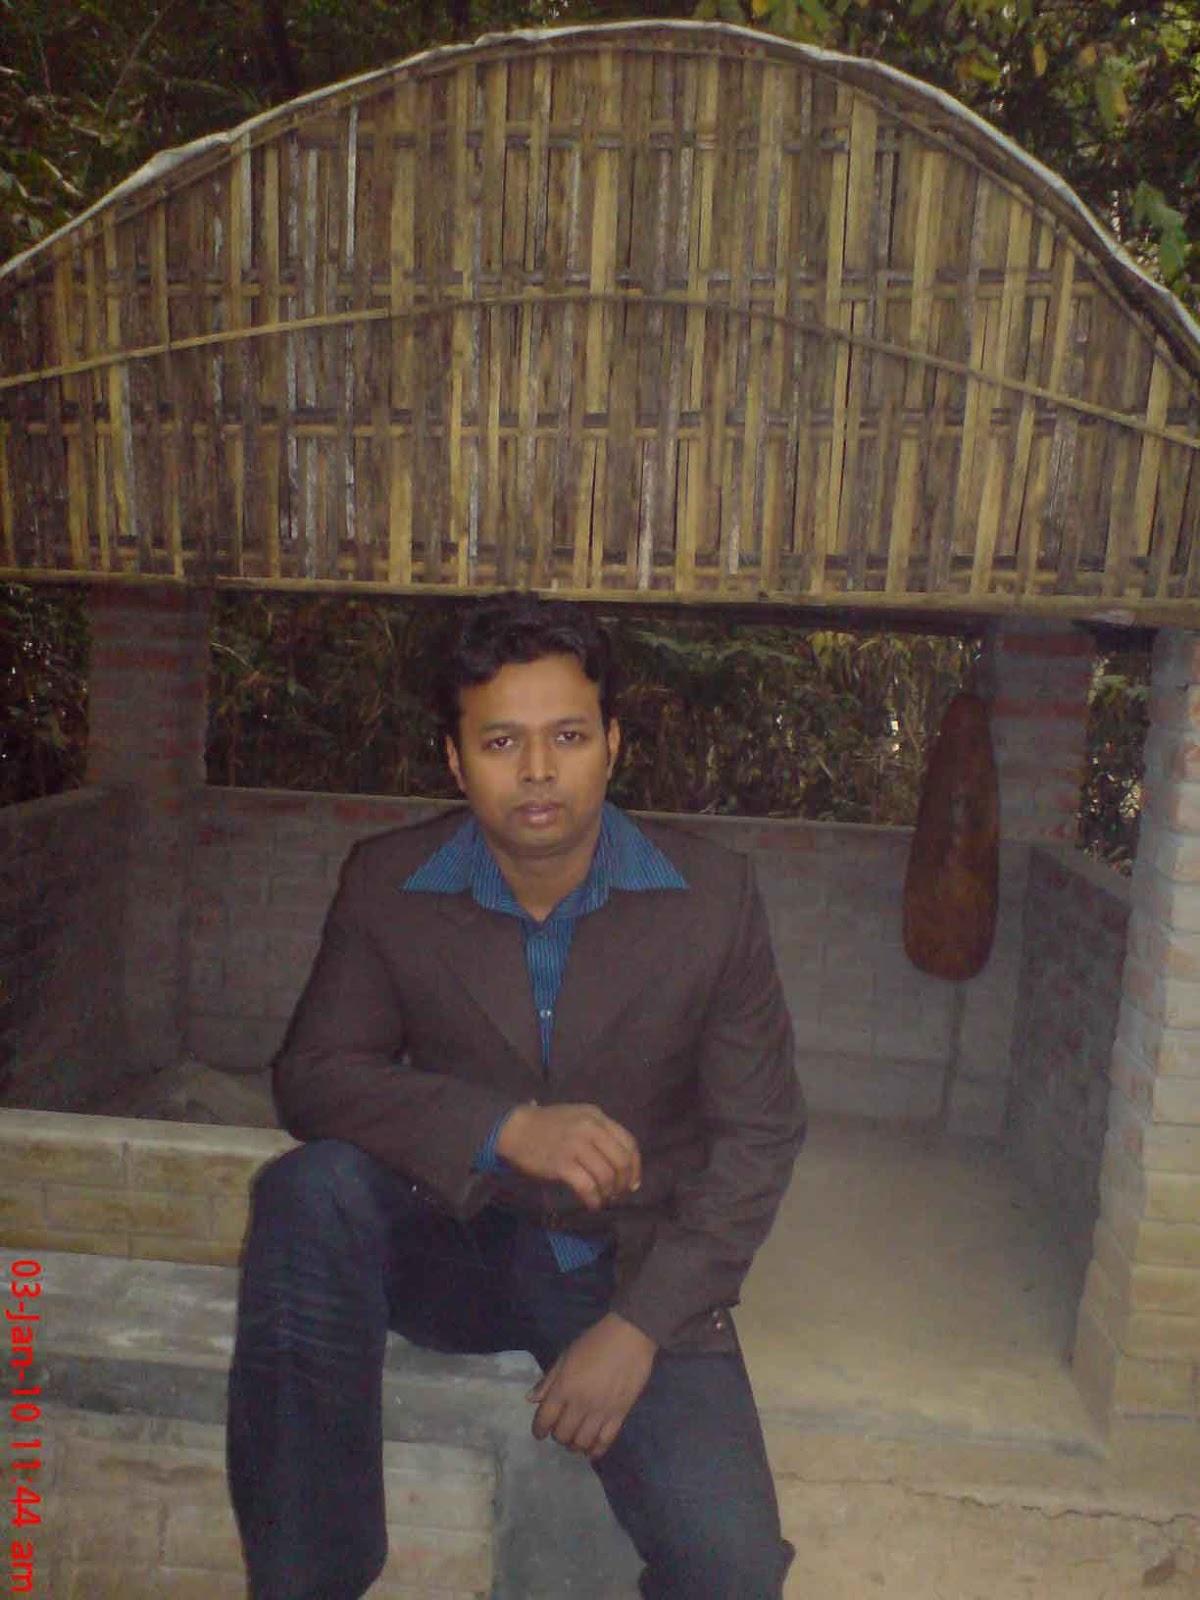 http://3.bp.blogspot.com/_NYwsYcoPB3M/TRSWVtMvUOI/AAAAAAAAAC8/Ww5K8ZL6R-w/s1600/DSC00450.jpg